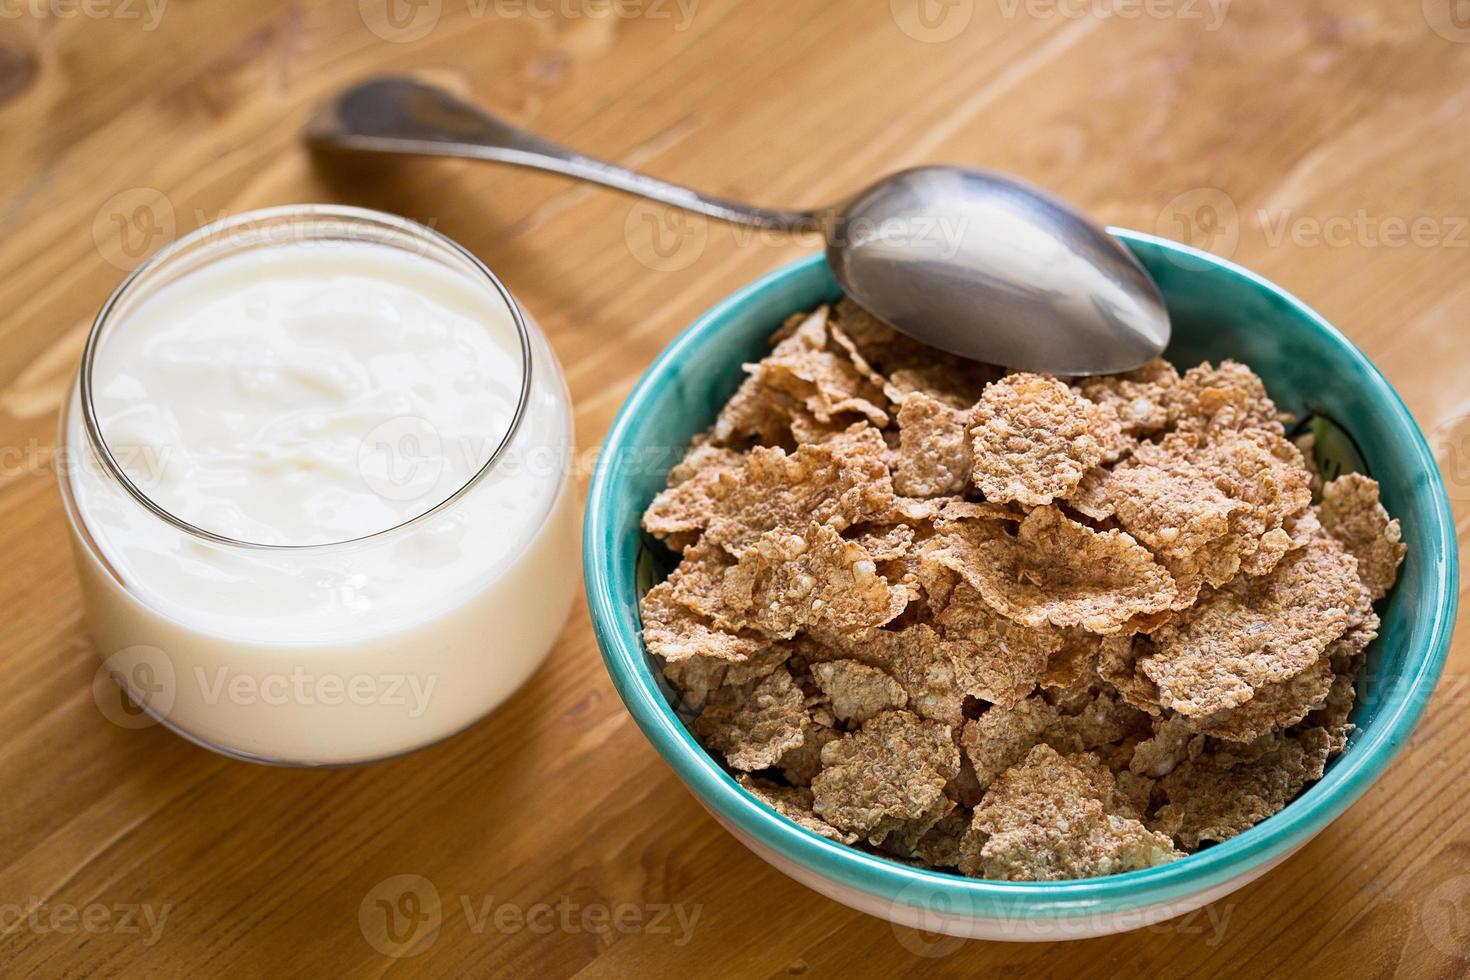 Copos de trigo deliciosos y saludables en un tazón con yogur foto